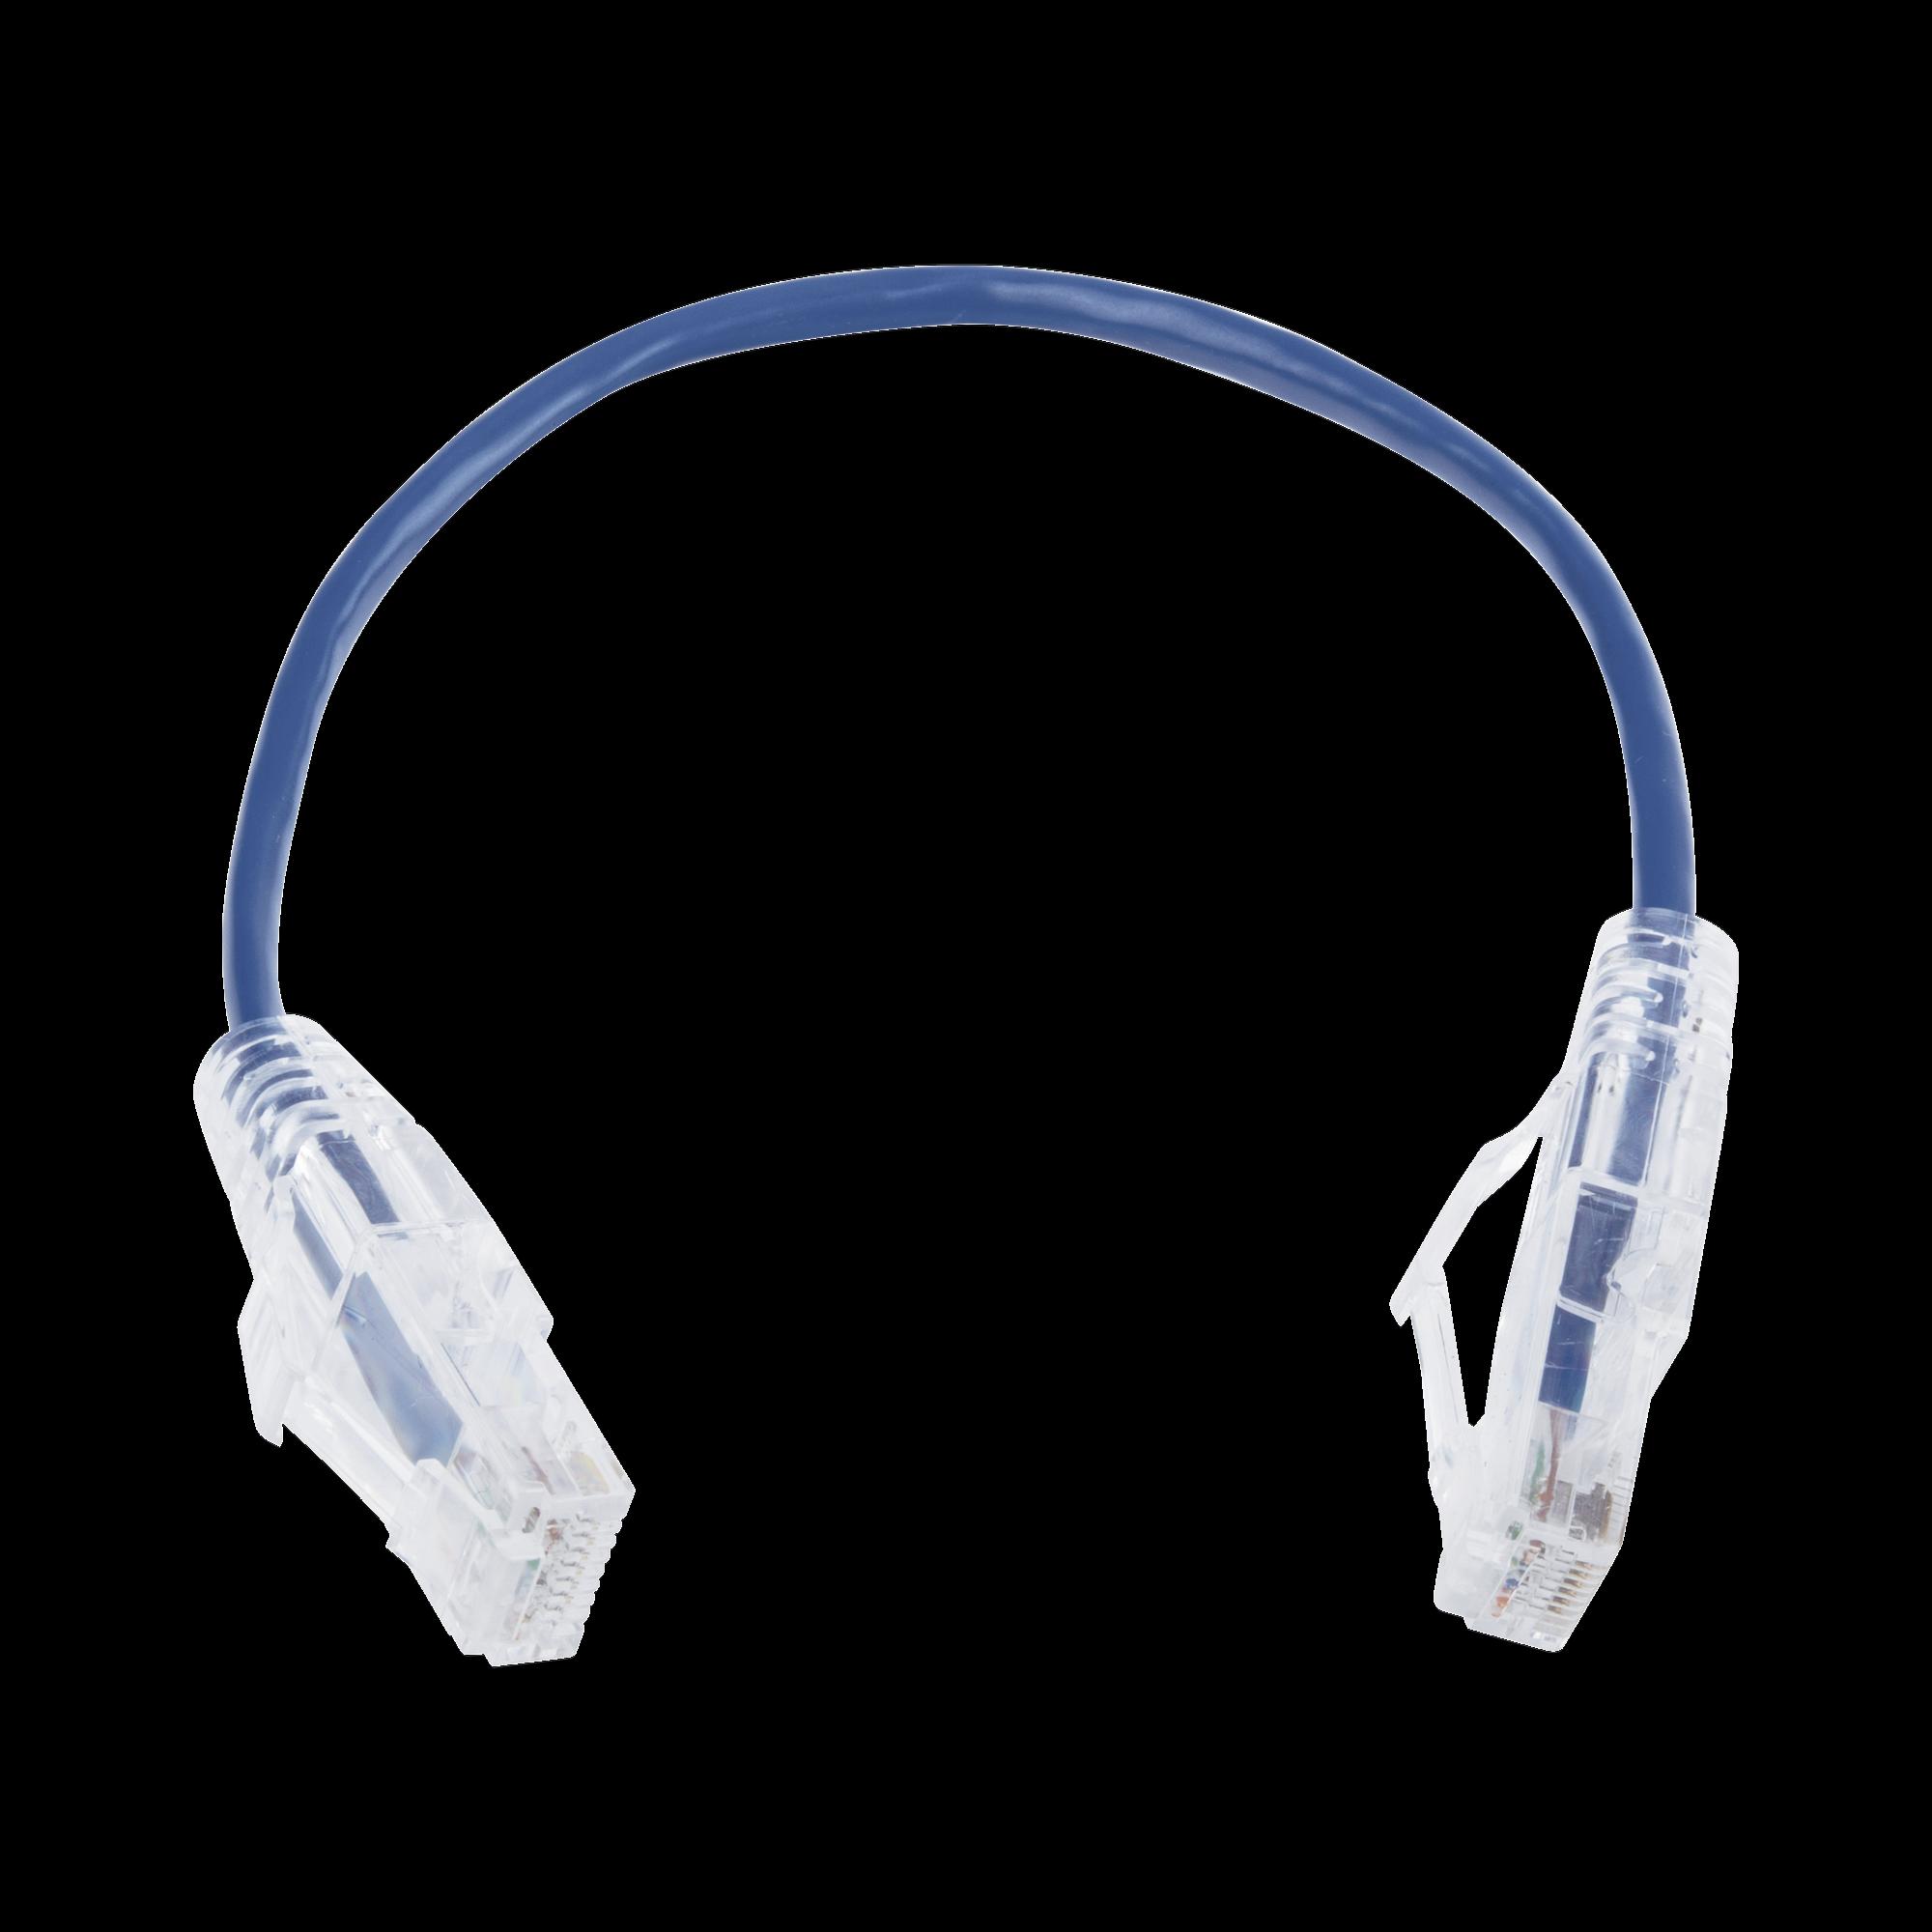 Cable de Parcheo Slim UTP Cat6 - 20 cm Azul Diámetro Reducido (28 AWG)